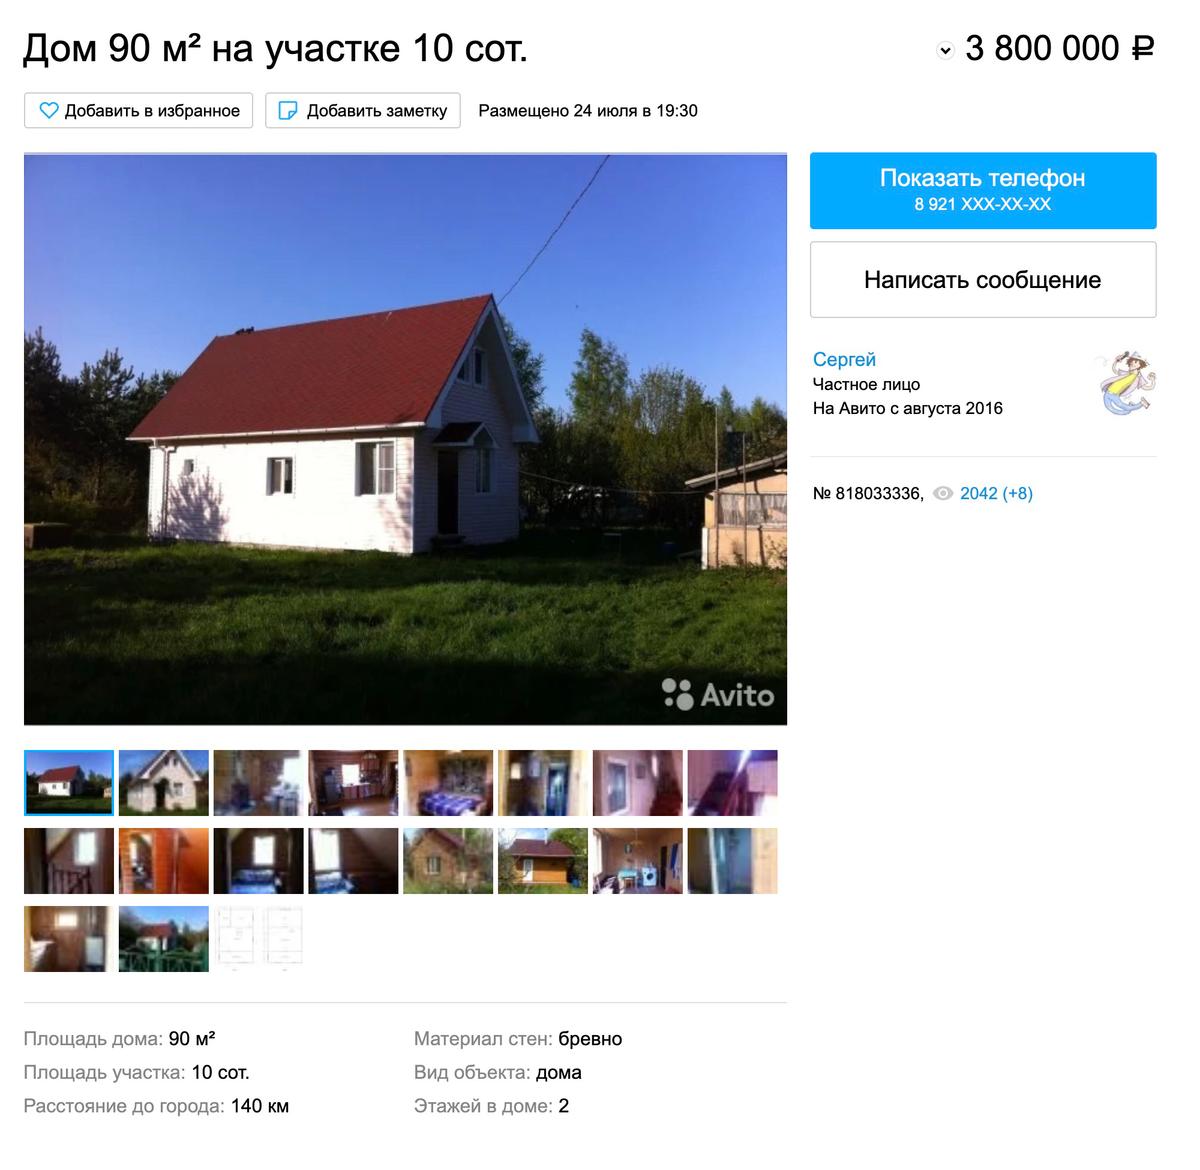 Второй — 3,8 млн рублей. Дома находятся в одном и том же поселке